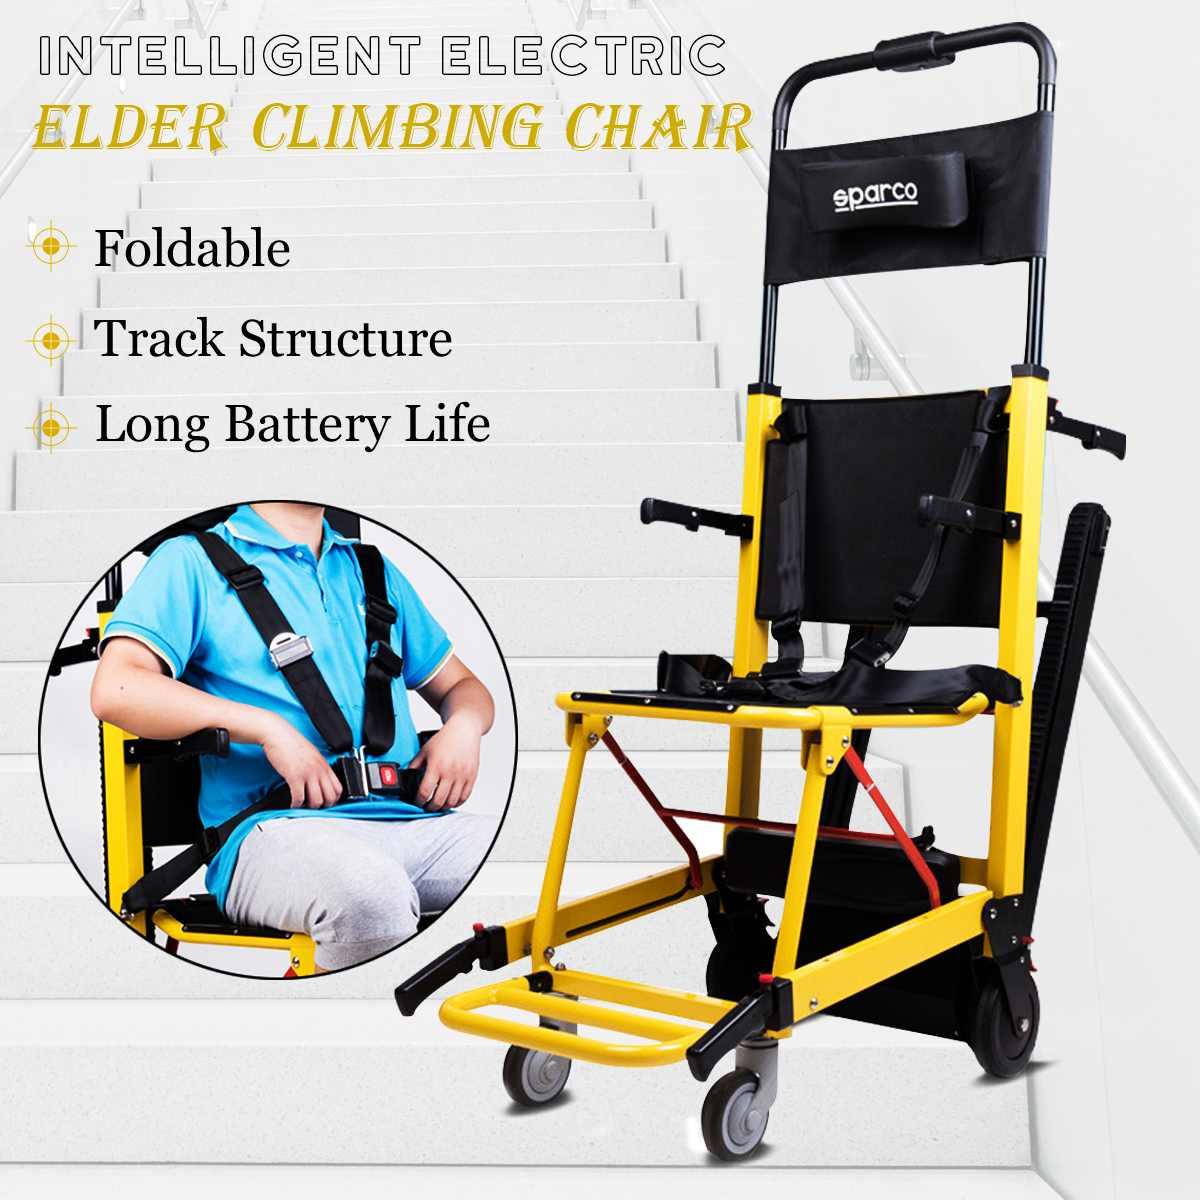 Складной легкая электрическая инвалидная коляска для старшего инвалидов моторизованный восхождение Лестницы подъема кресло на колесах до